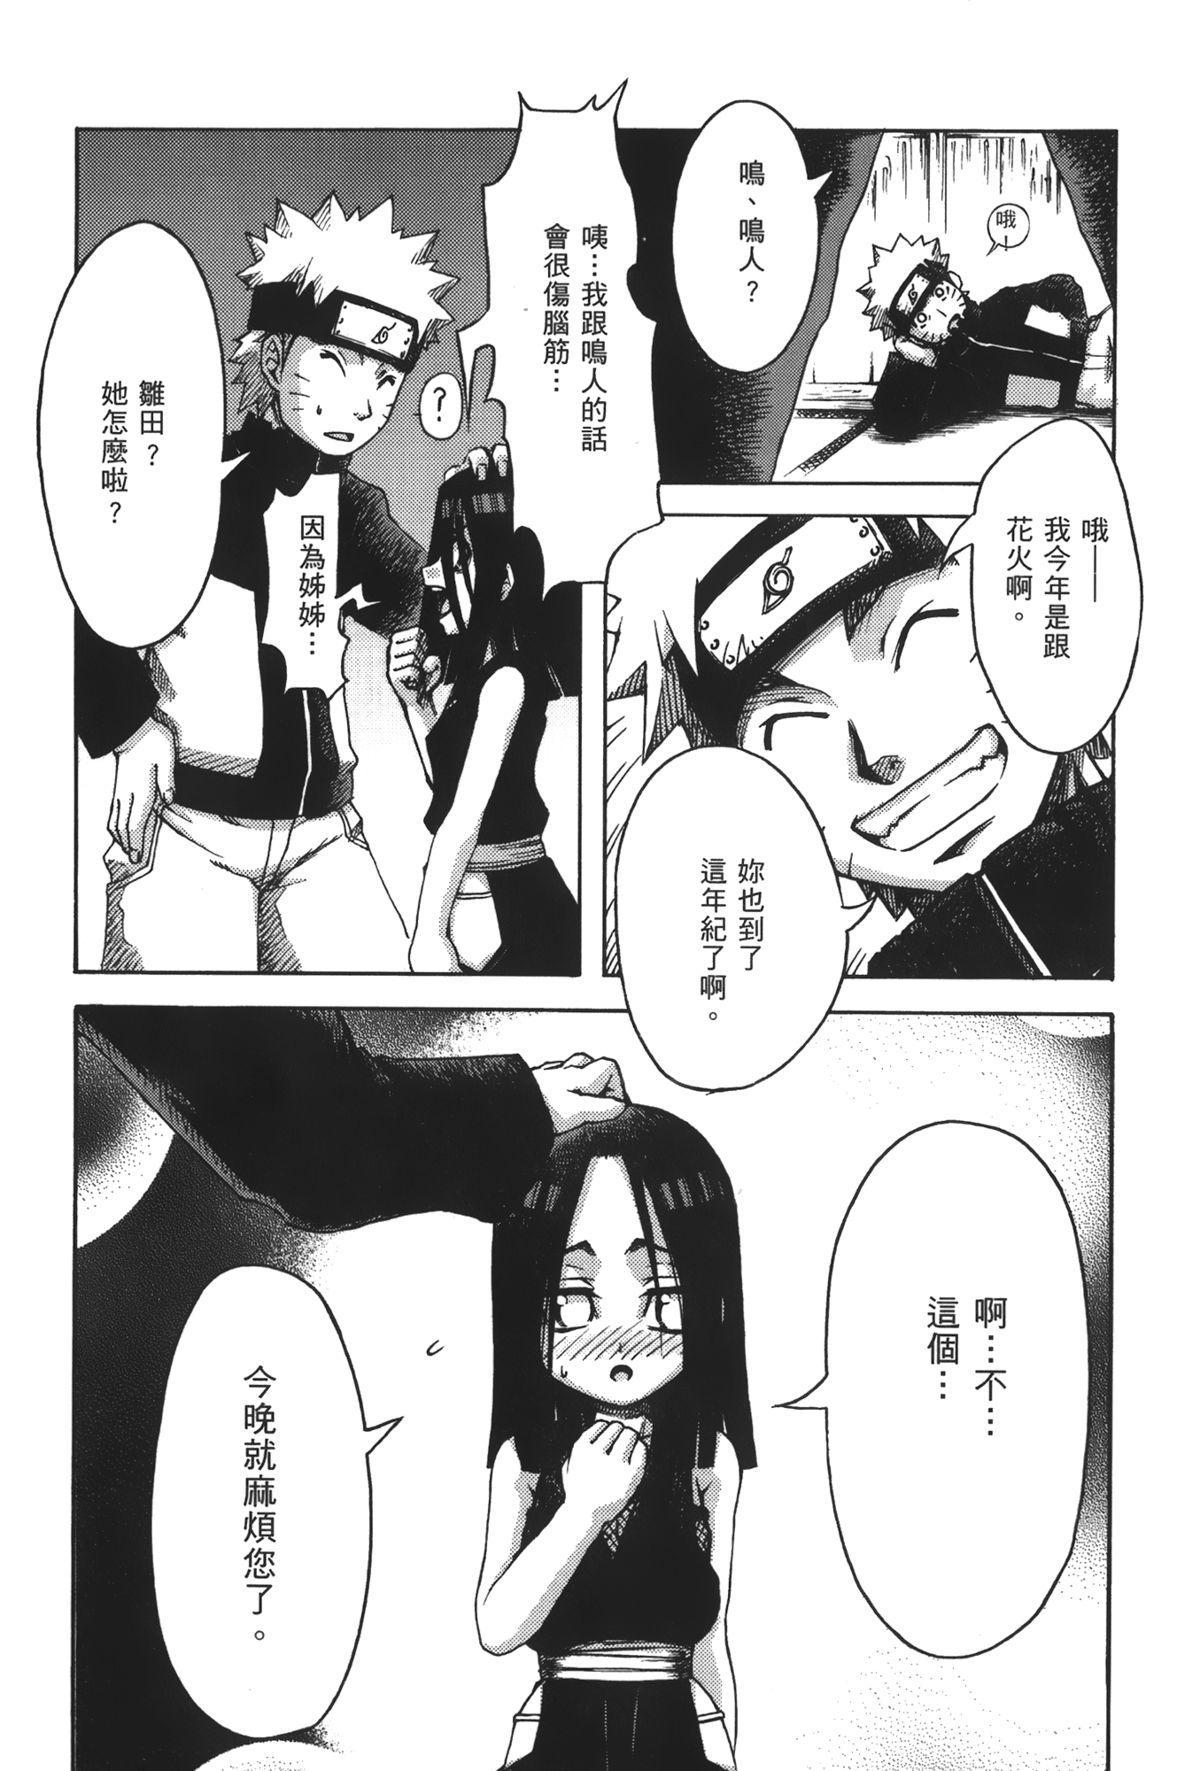 naruto ninja biography vol.09 82